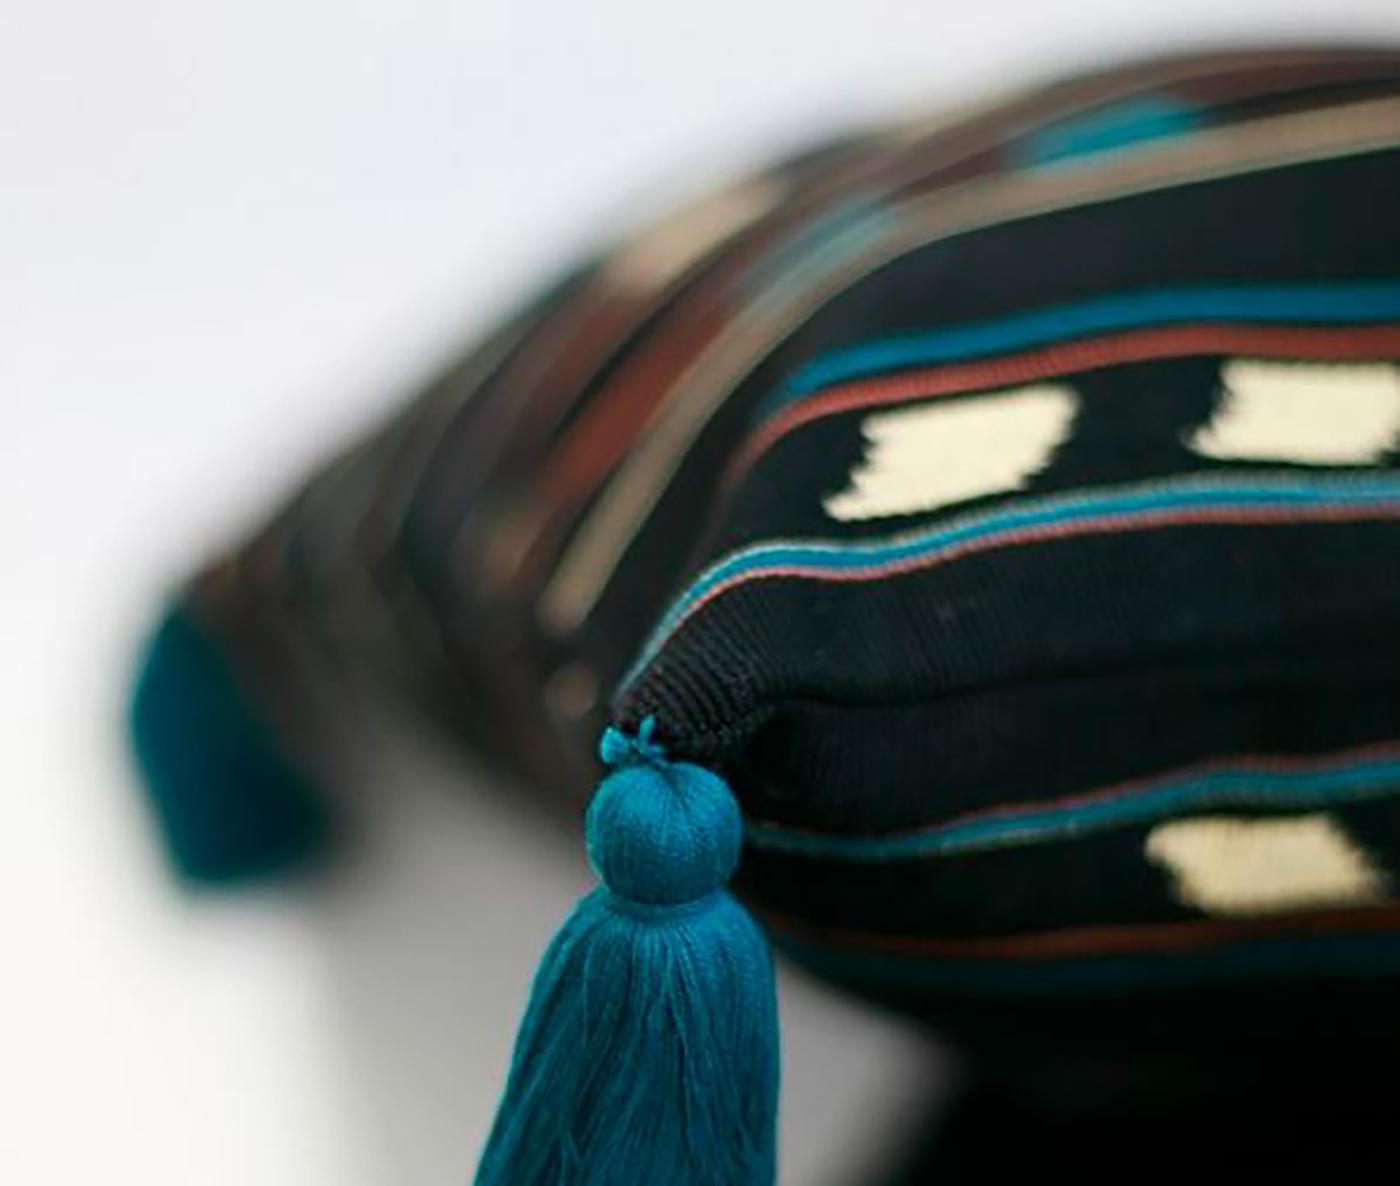 패브릭 쿠션 커퍼 아줄(M_azul)/핸드메이드 패브릭 쿠션커버(40×40cm) 상세이미지4